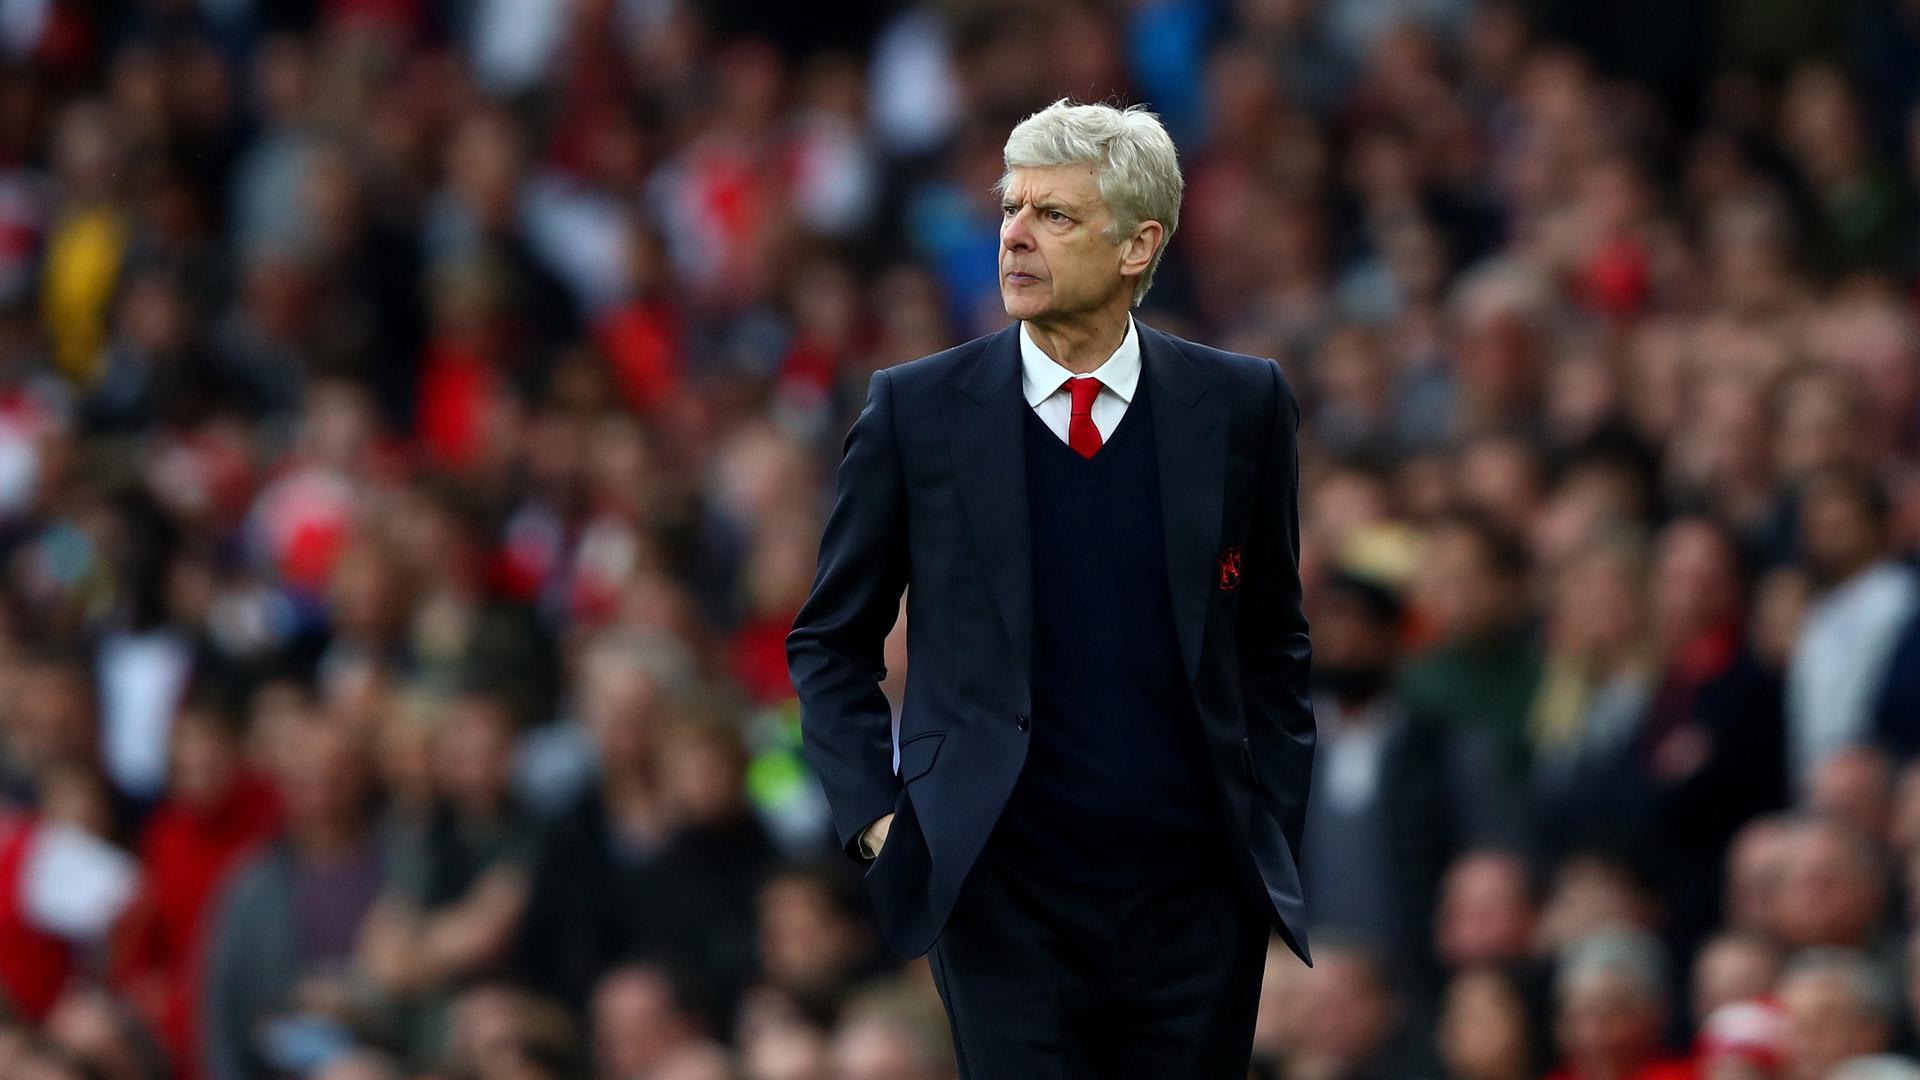 Aaron Ramsey: Arsene Wenger has been 'let down', says Arsenal midfielder